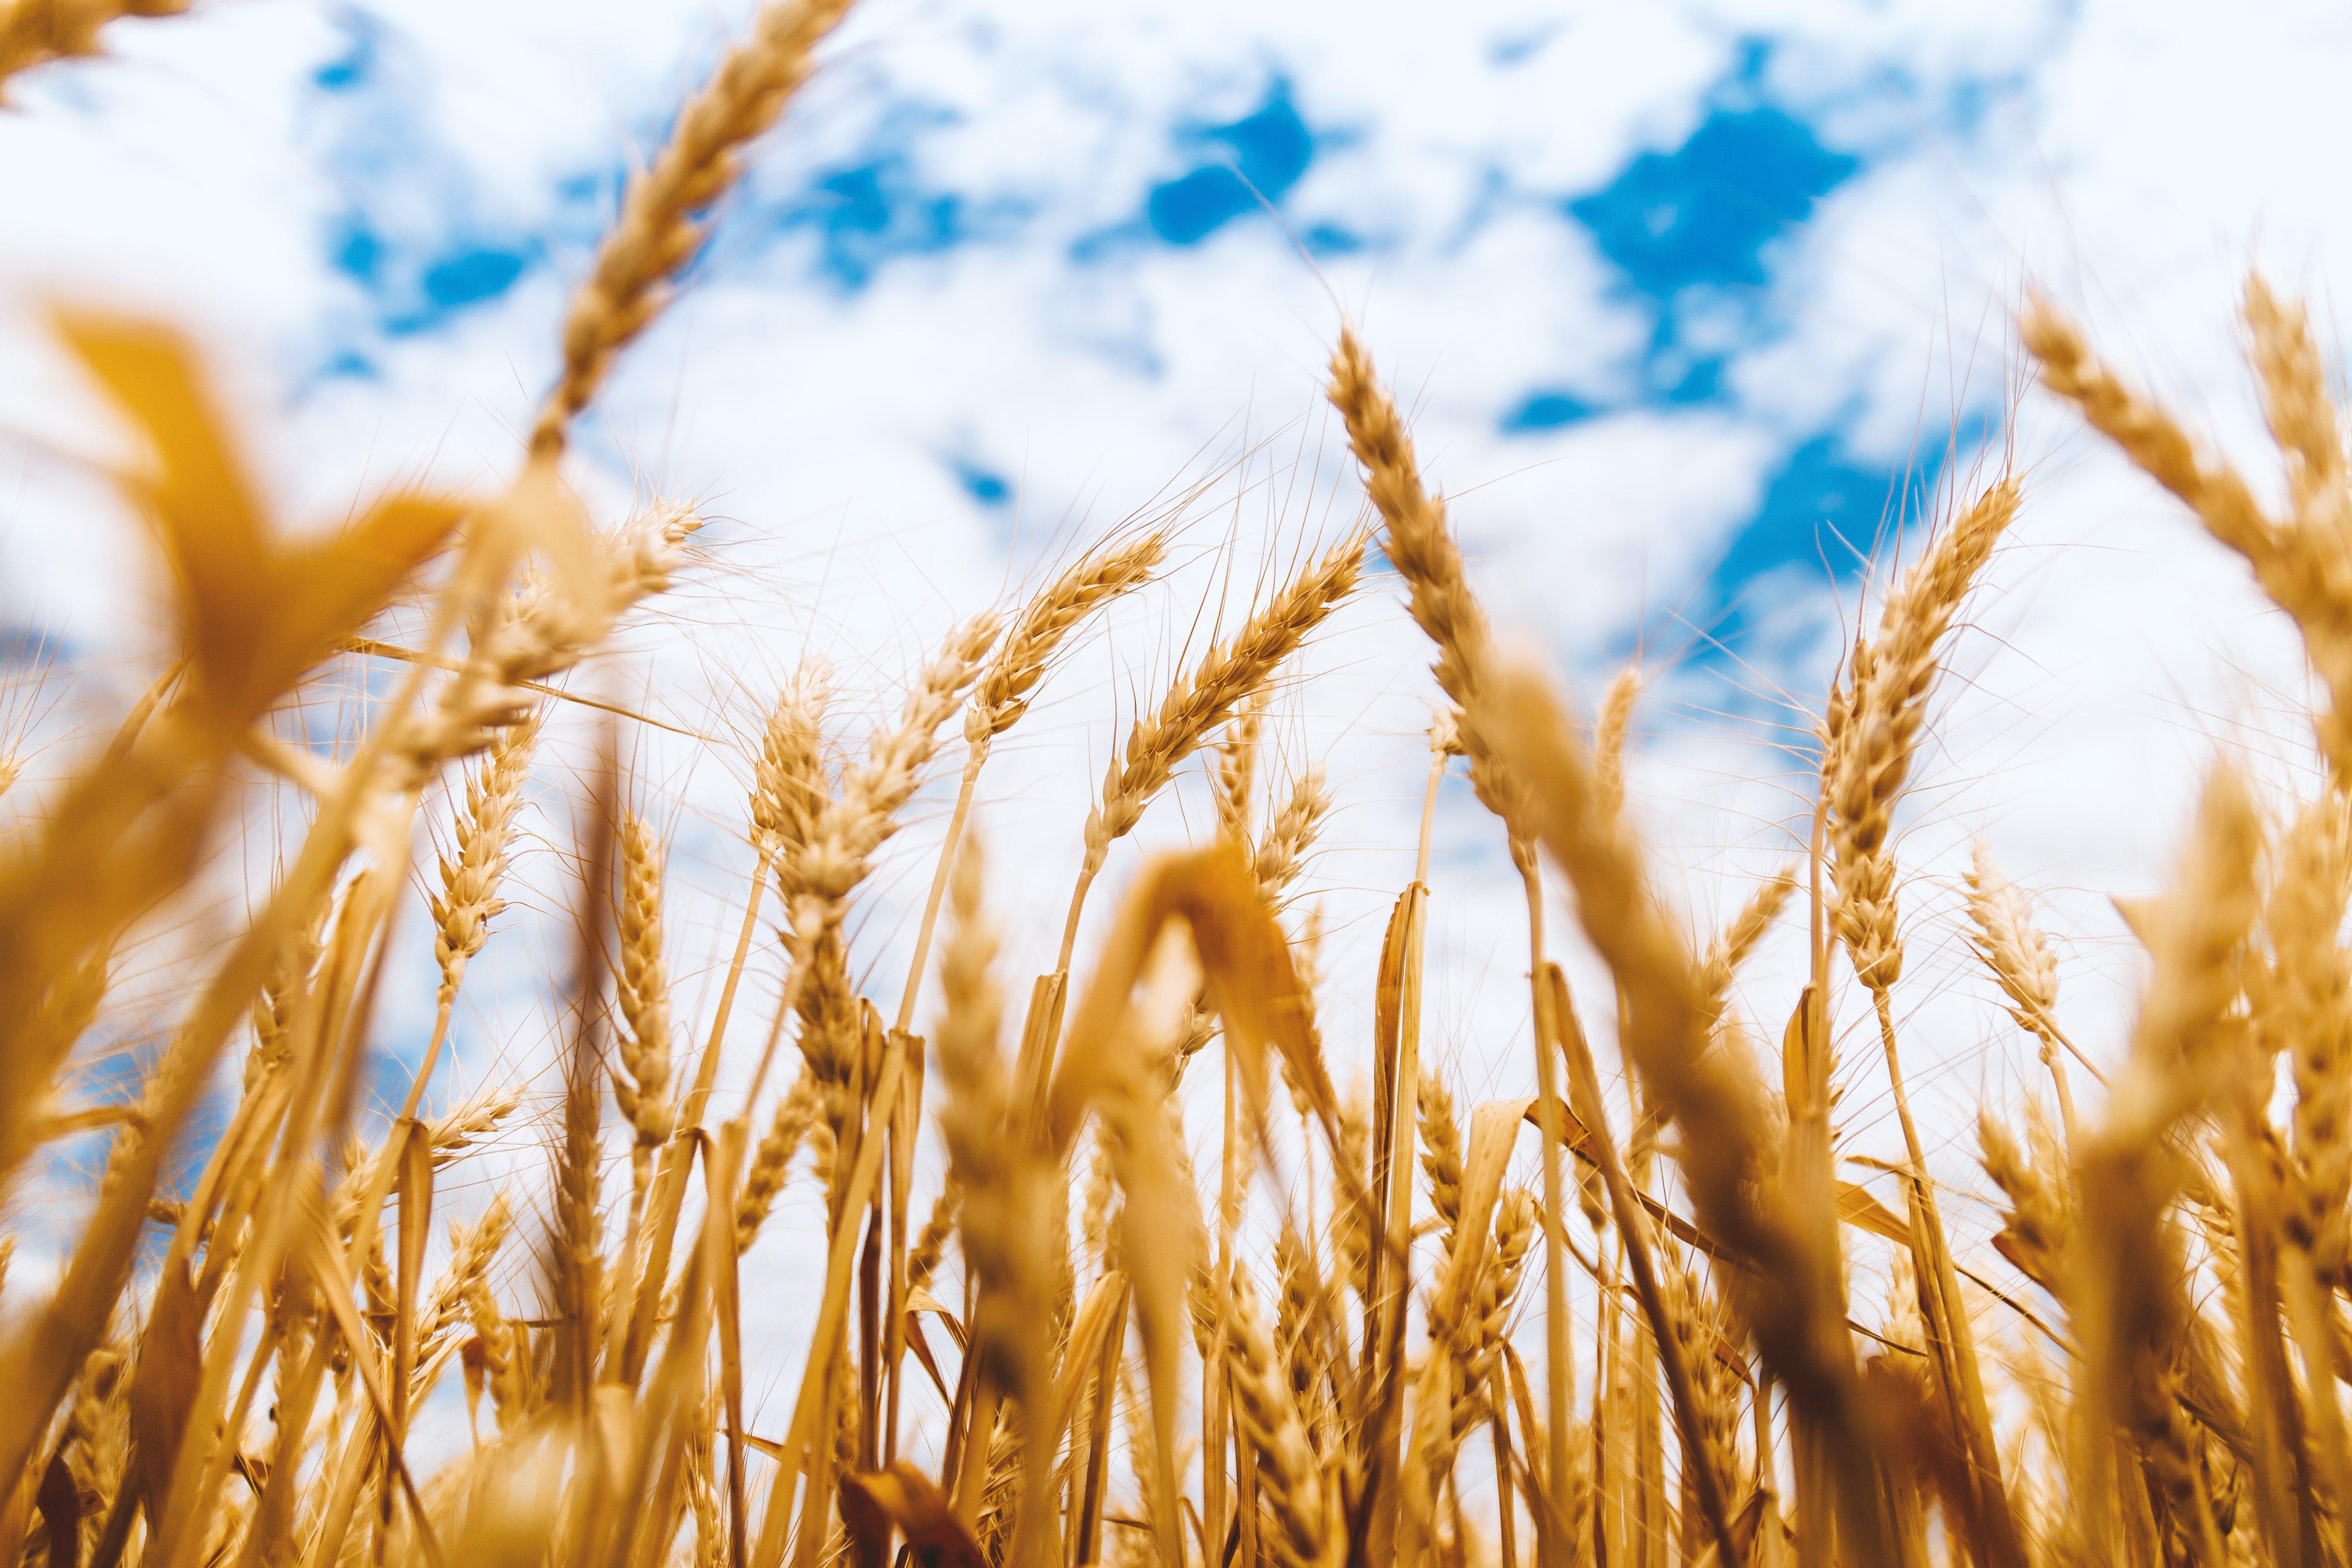 Rolul food hub-urilor regionale in sprijinirea micilor fermieri in SUA